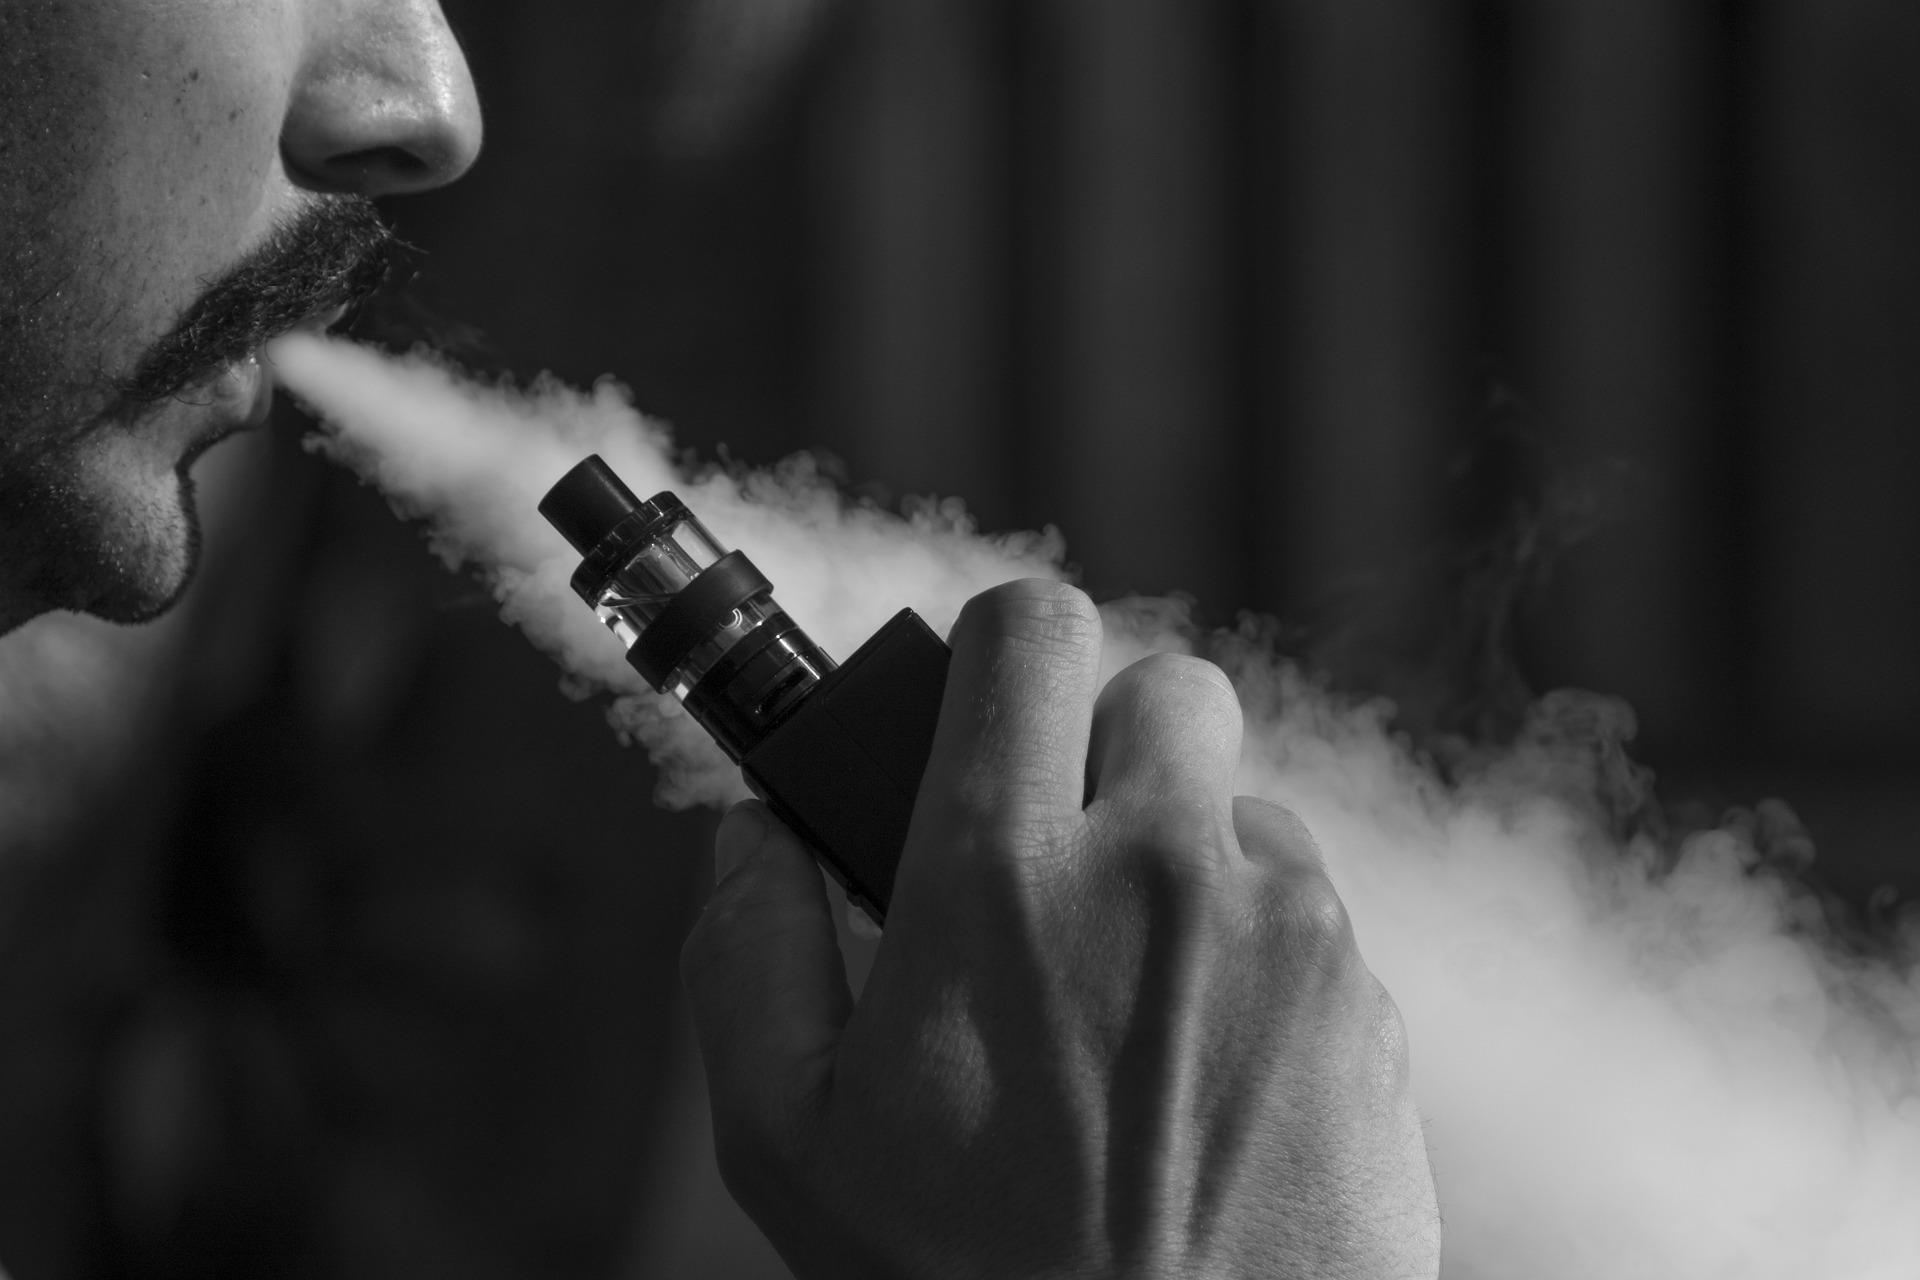 Cigarette électronique : quel fonctionnement a la cigarette électronique ?